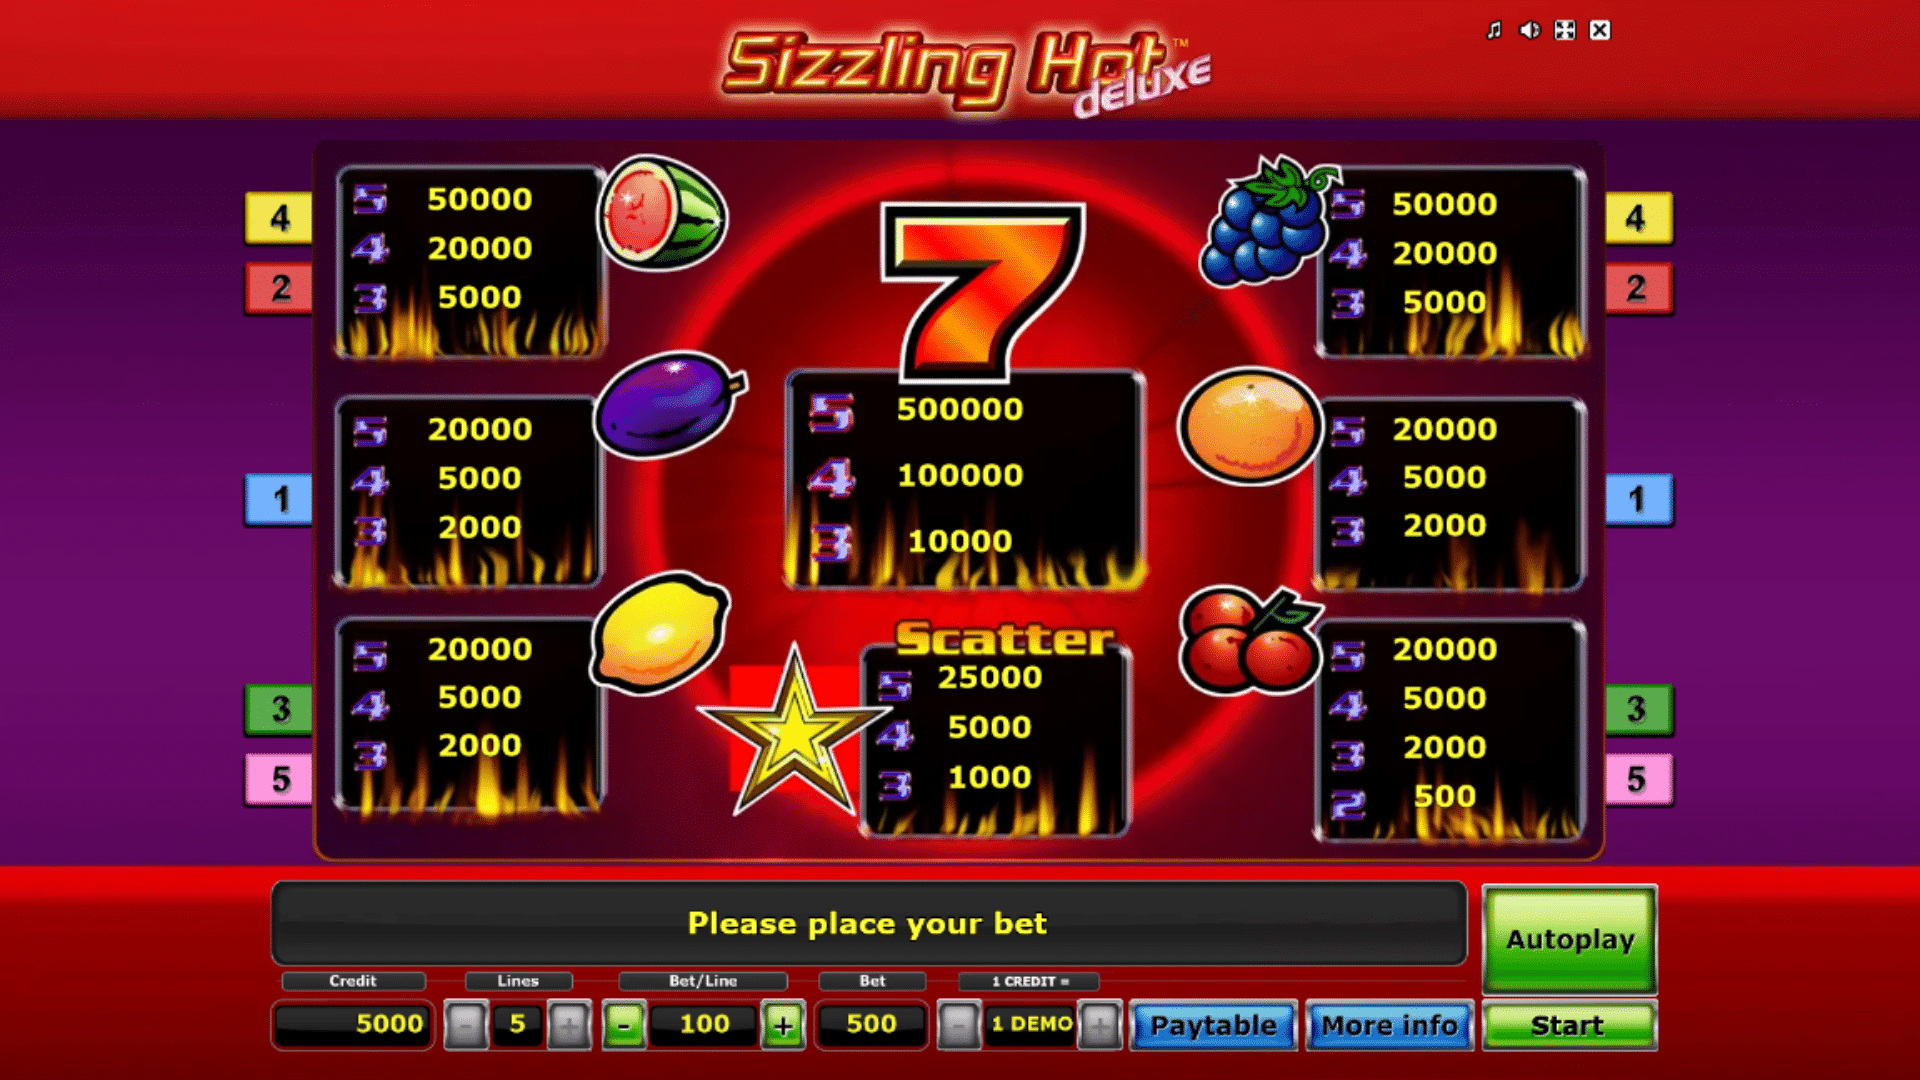 Tabella dei pagamenti della Slot gratis Sizzling Hot Deluxe